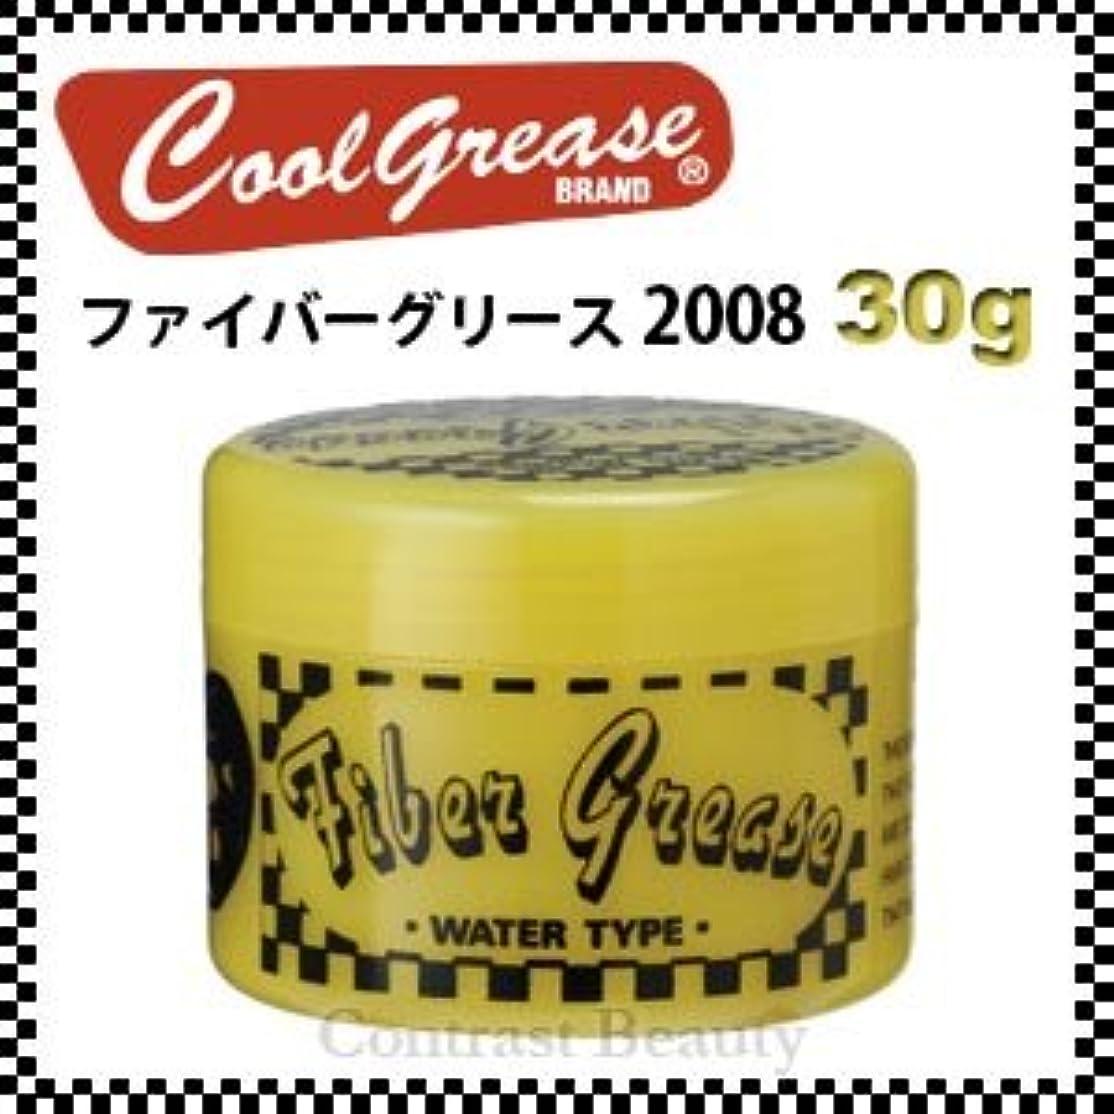 傑作有力者自分自身阪本高生堂 ファイバーグリース 2008 30g